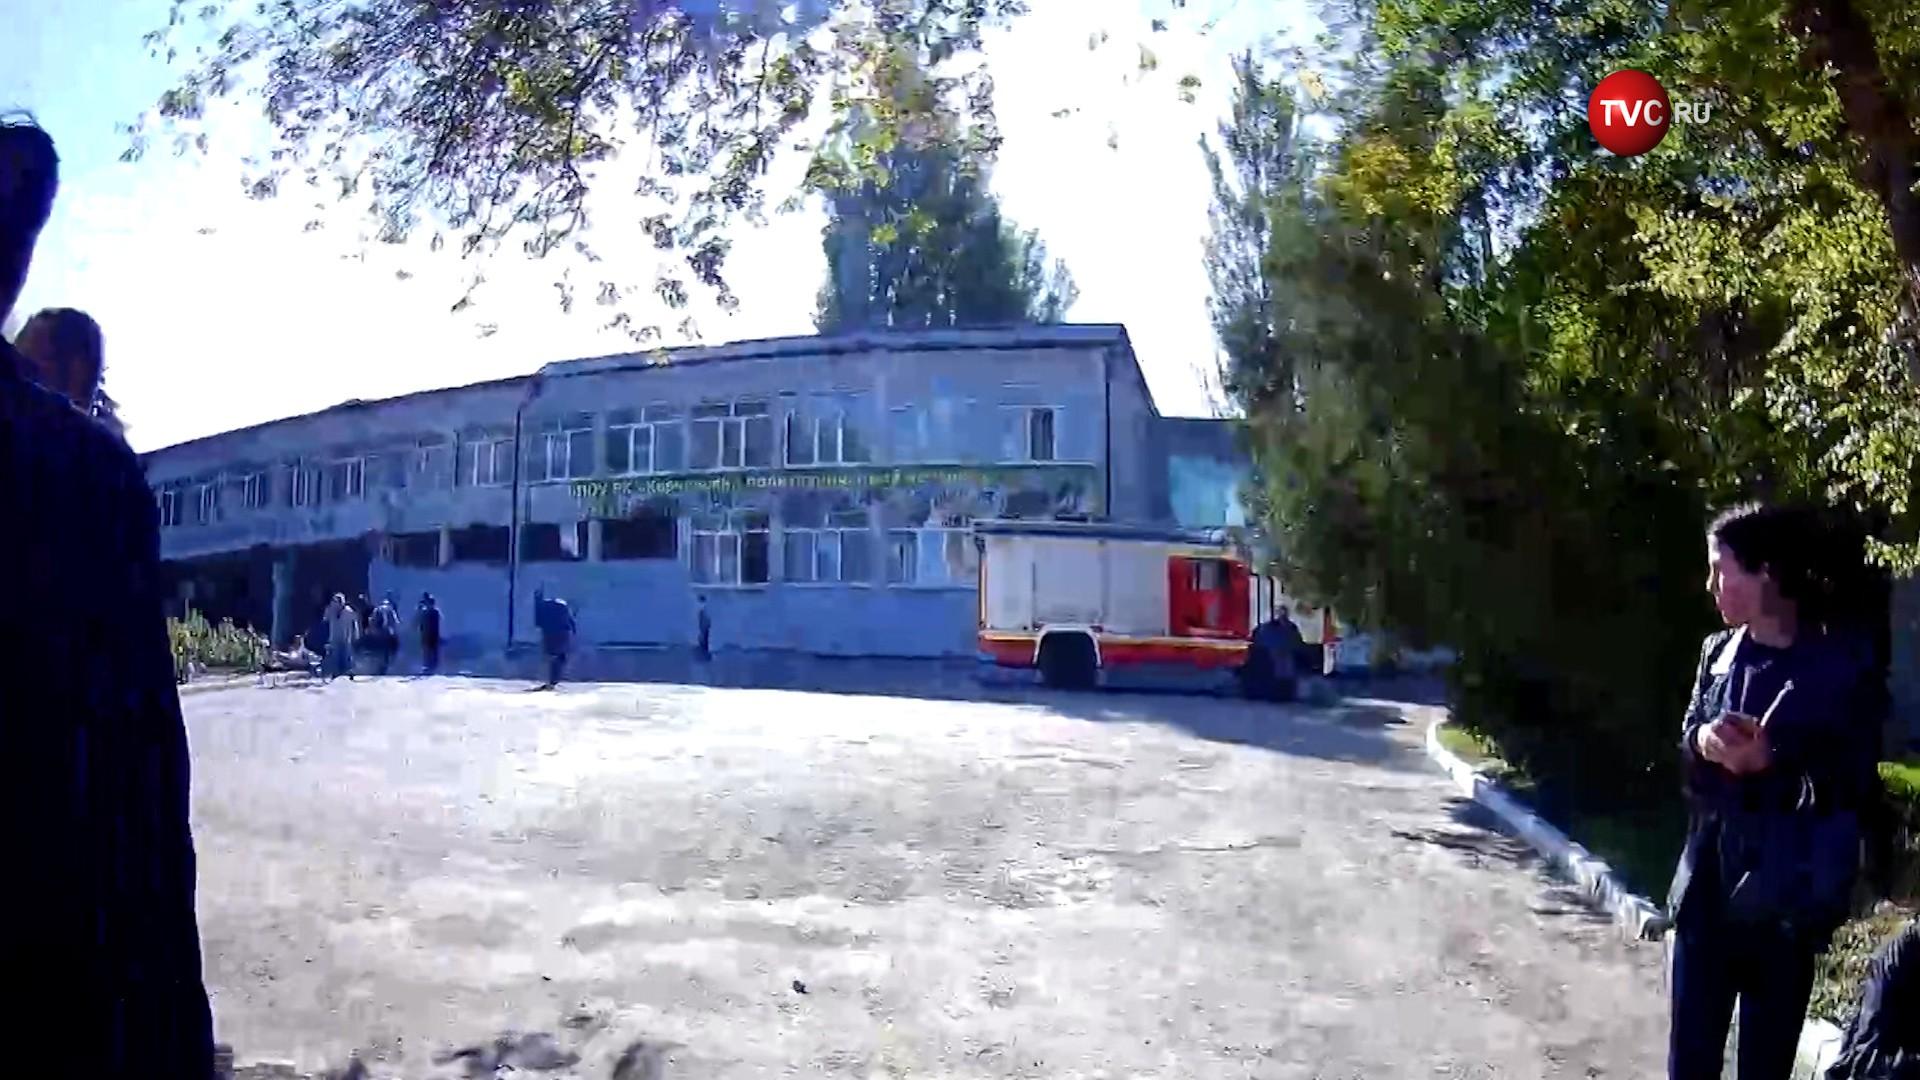 Последствия взрыва в колледже в Керчи